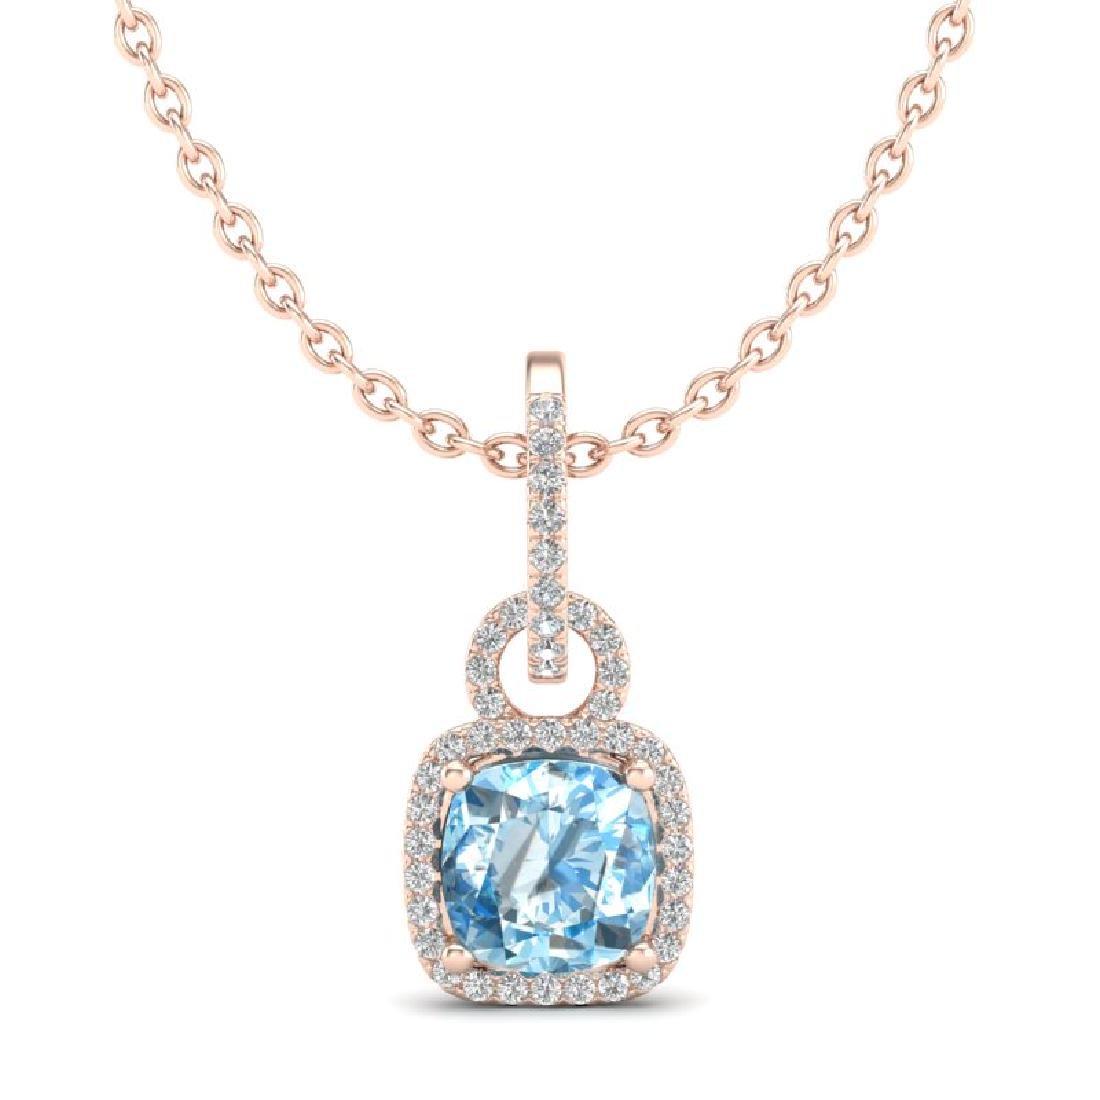 3.50 CTW Topaz & Micro VS/SI Diamond Necklace 14K Rose - 2